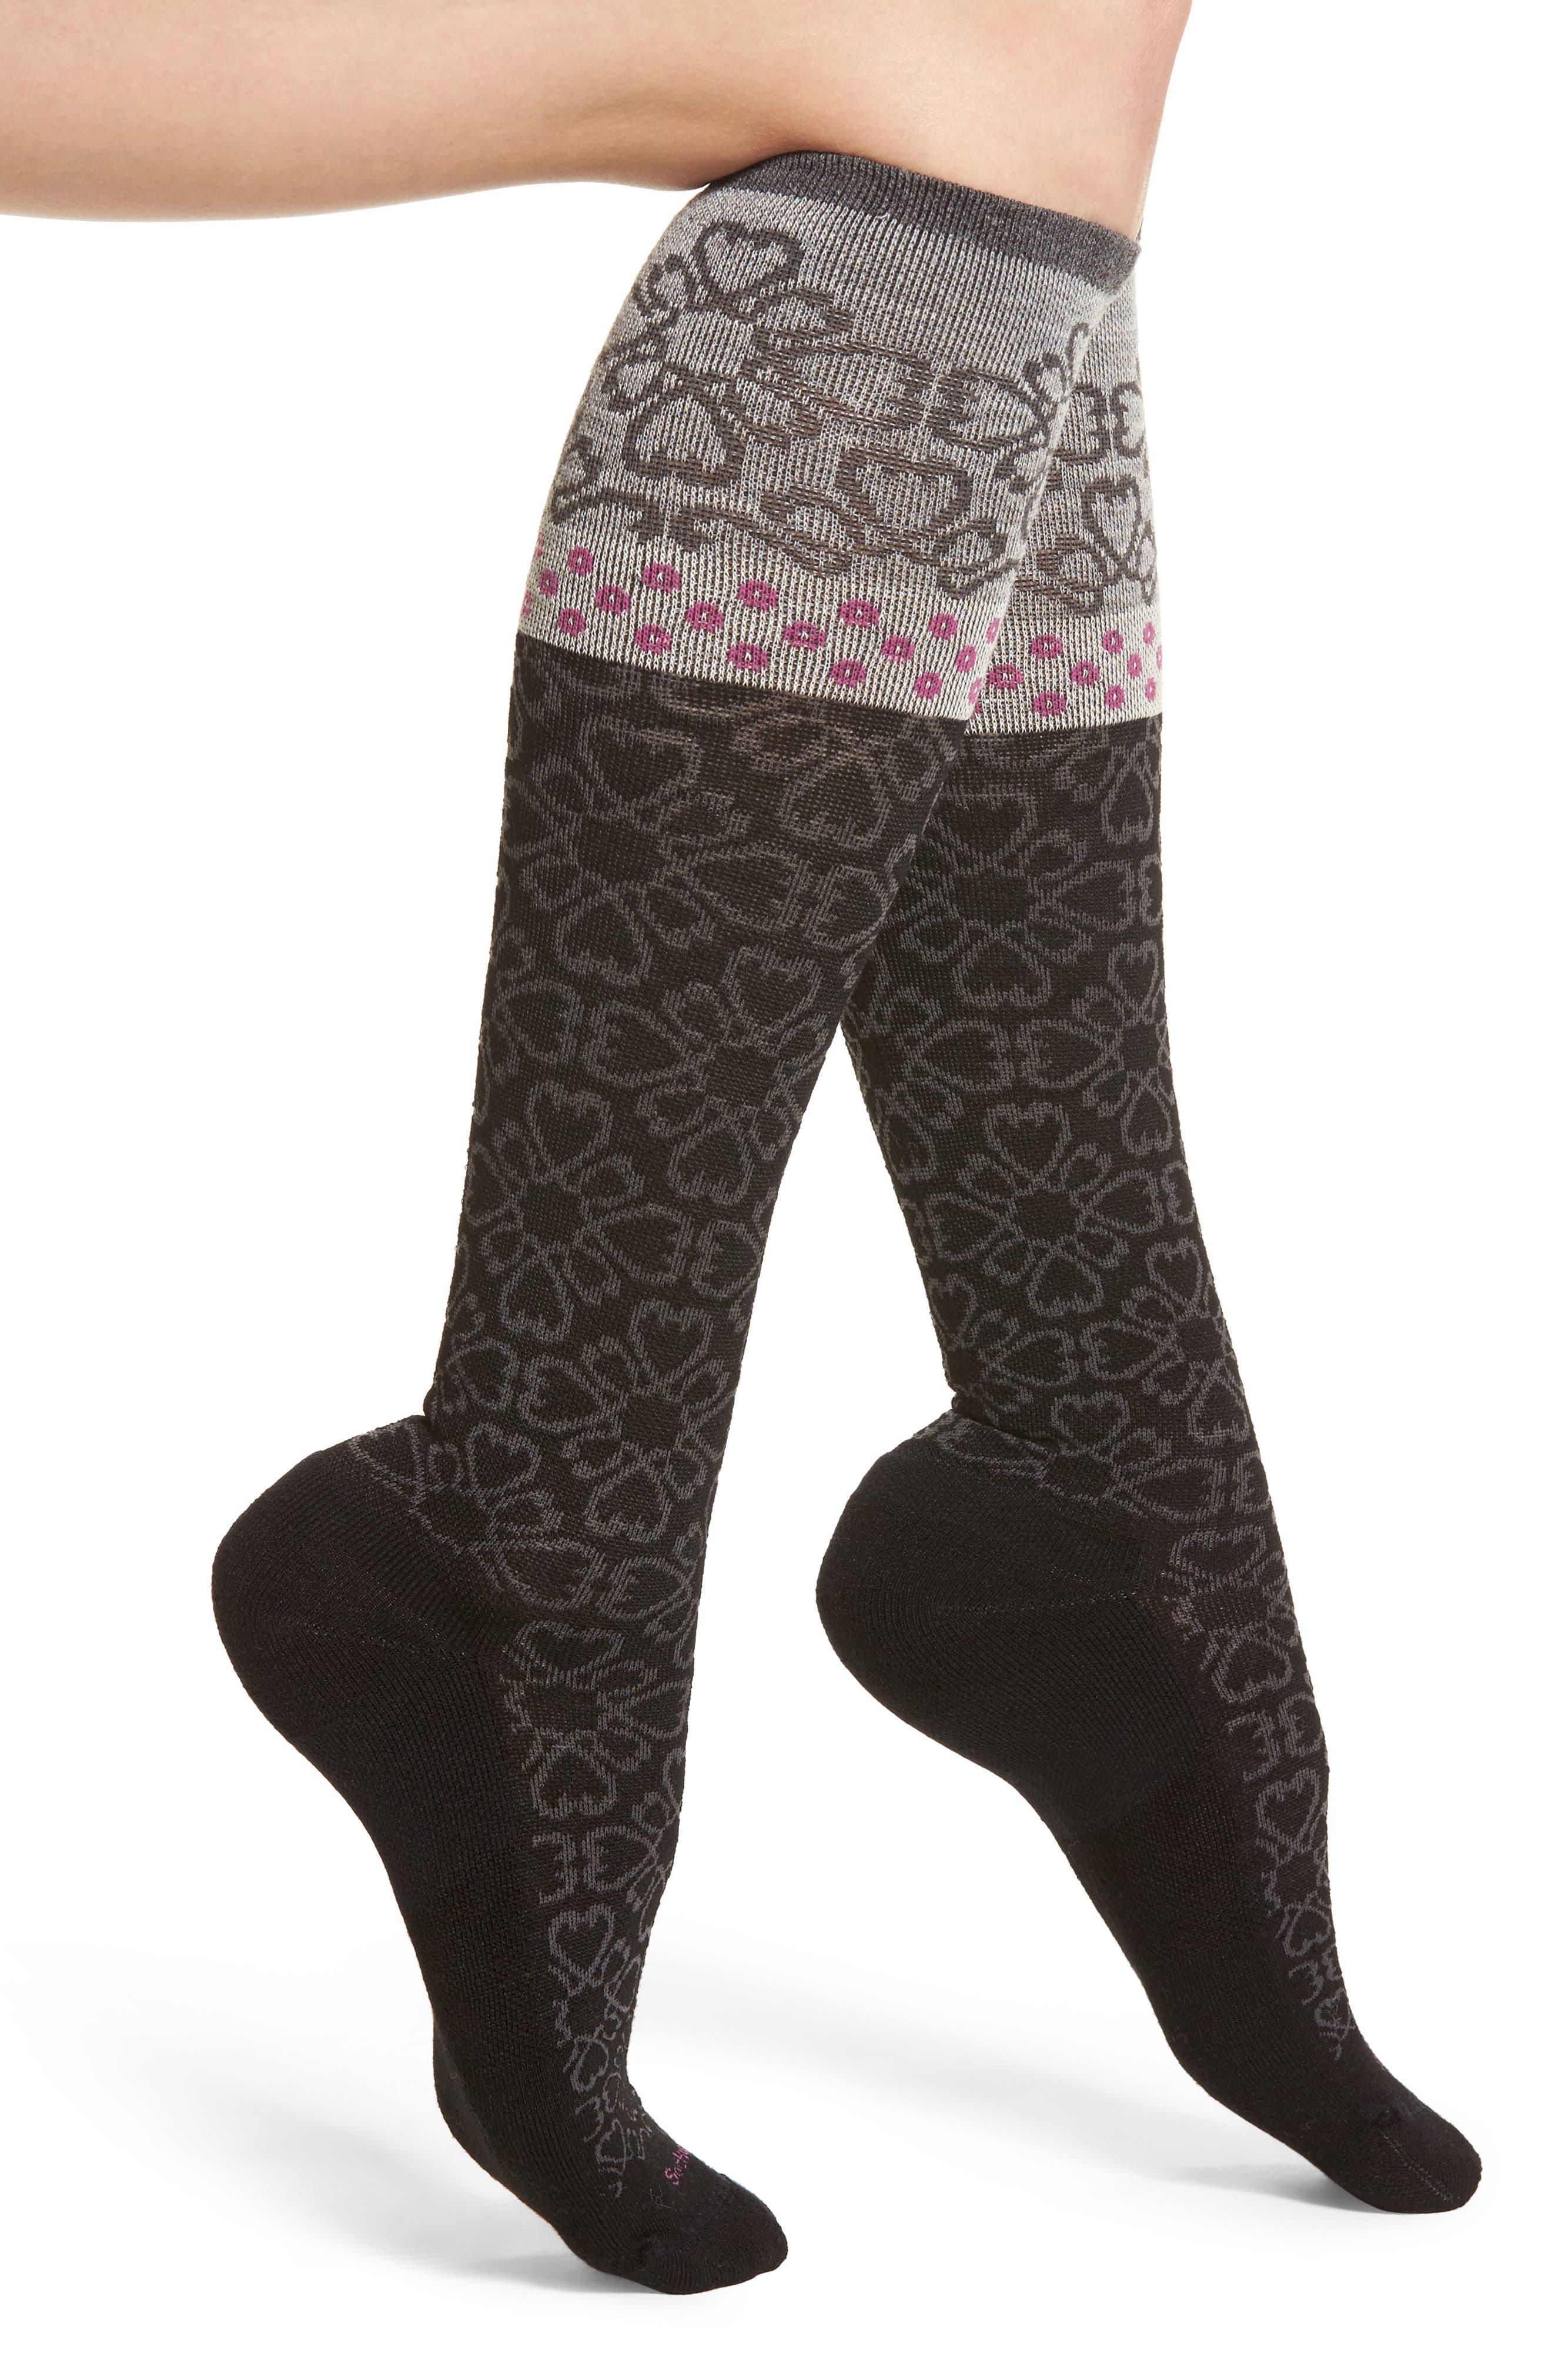 Botanical Compression Socks,                         Main,                         color, 001